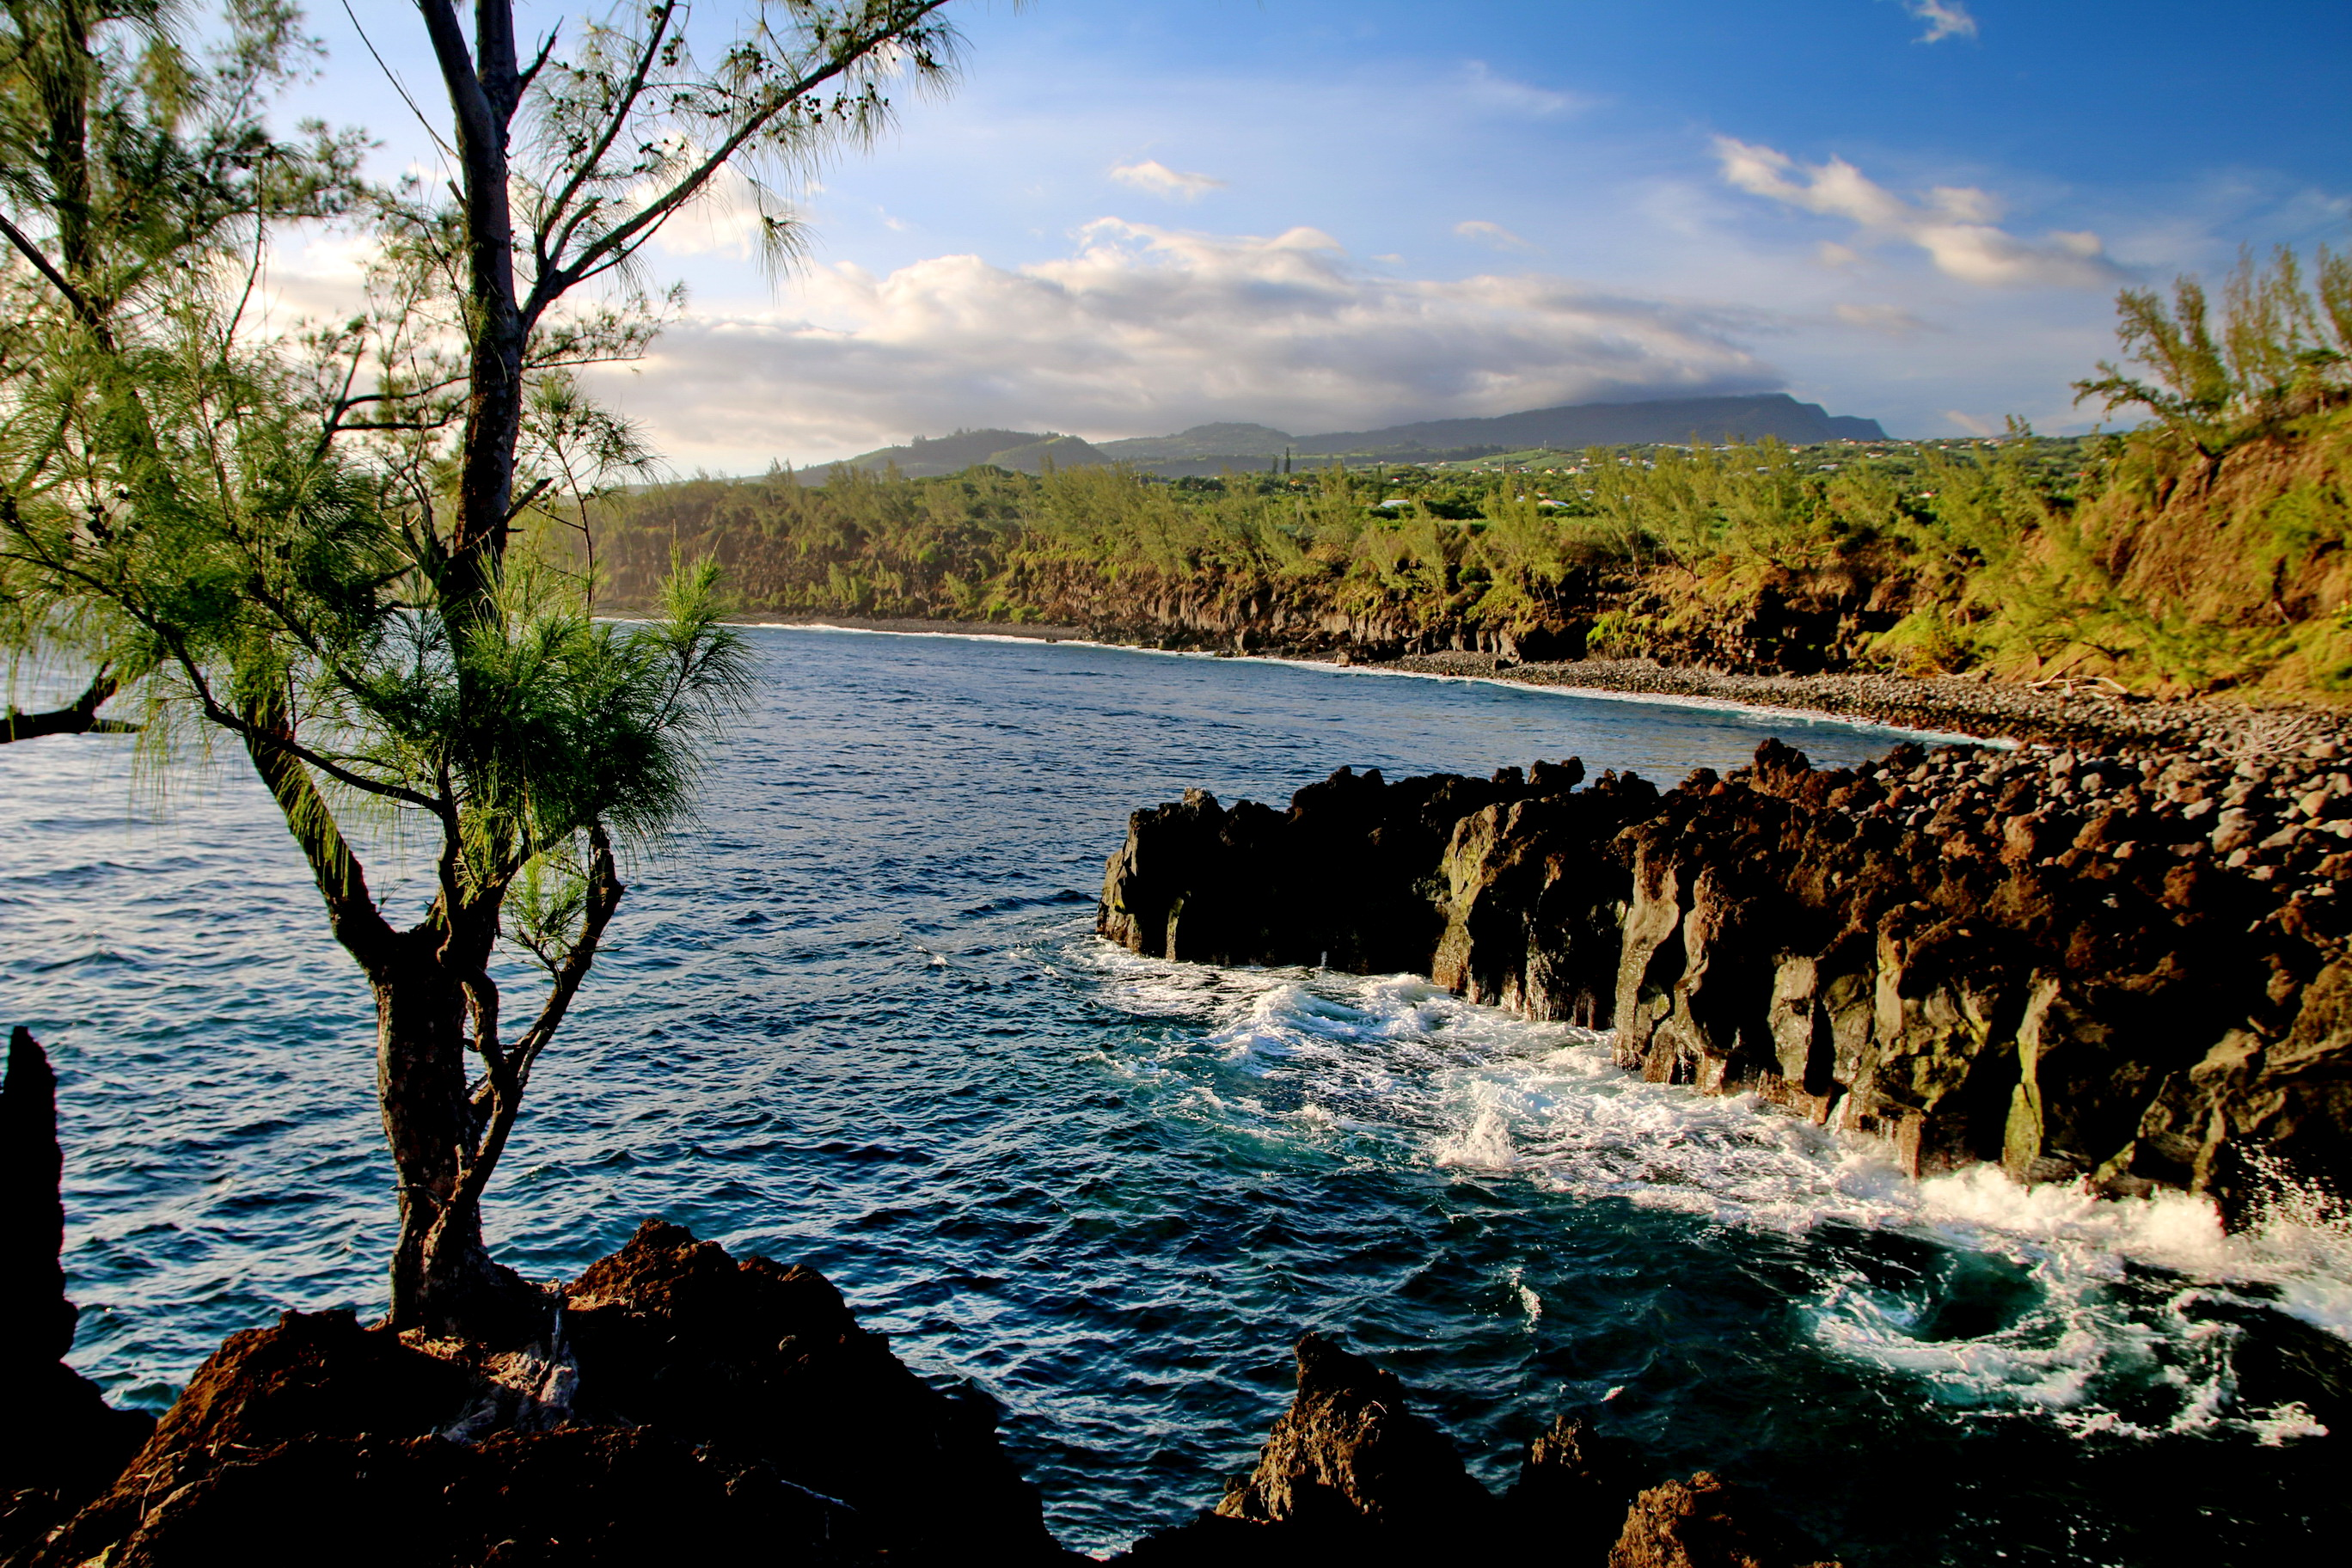 [Vie des ports] Les ports de la Réunion - Page 4 677558capmchantlangevin141